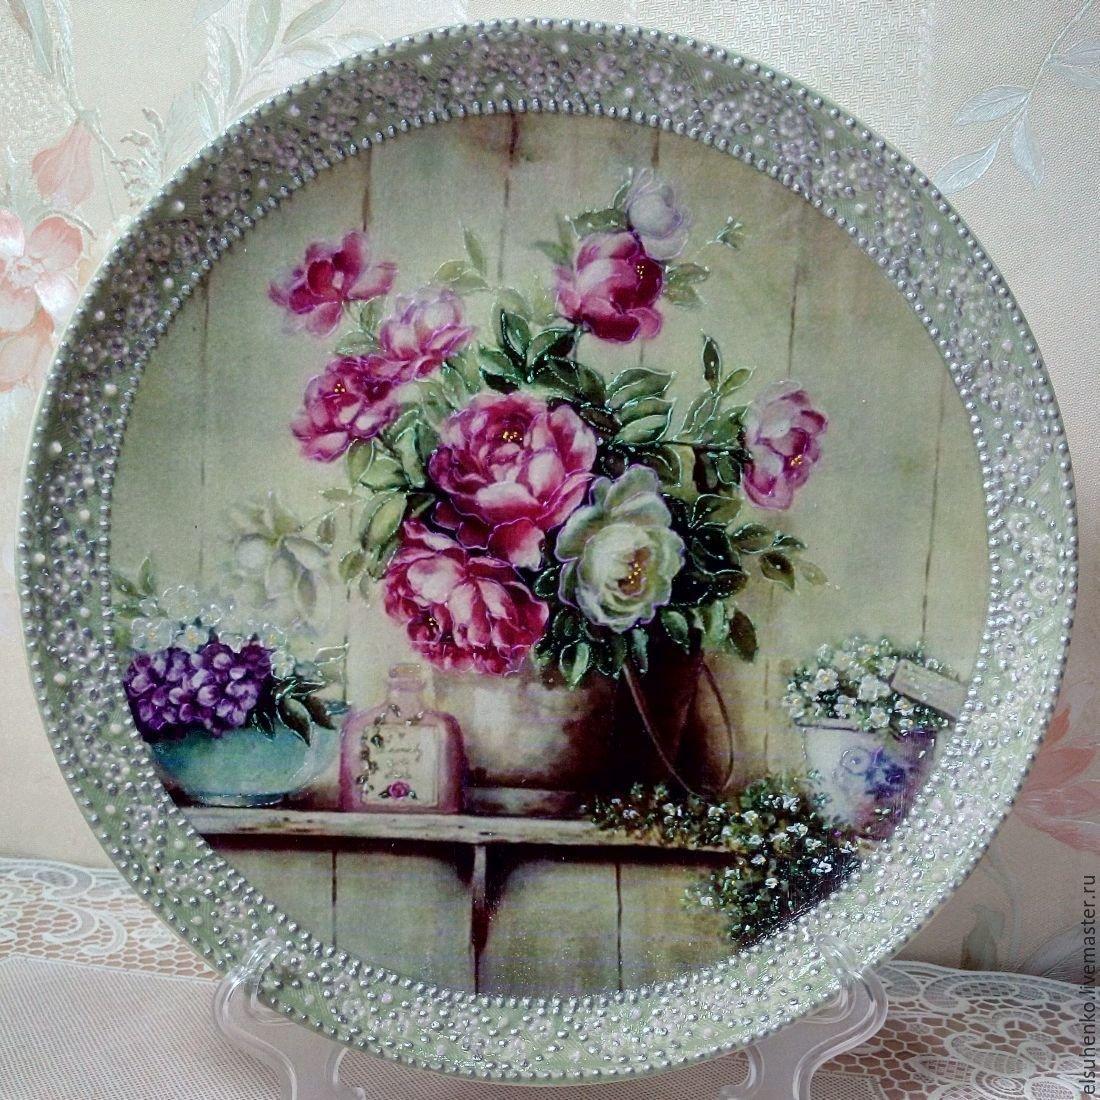 Декоративные тарелки на стену: способы декорирования, 75 фото, видео 82